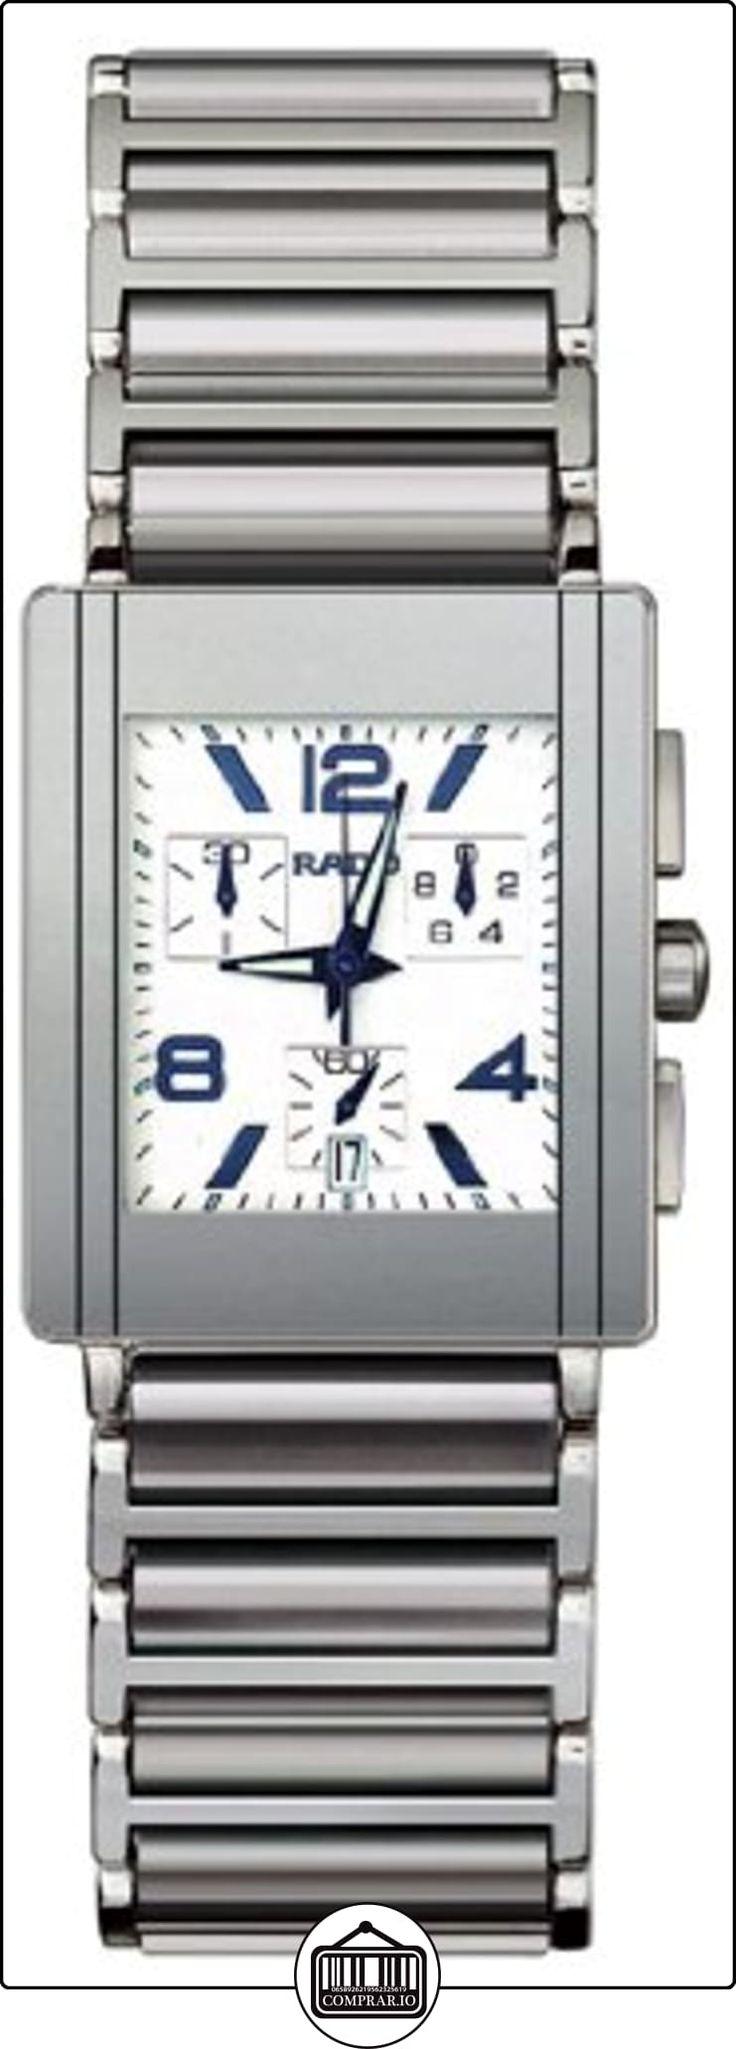 RADO - INTEGRAL QUARTZ CHRONOGRAPH - ROH-R20.591.10.2 de  ✿ Relojes para hombre - (Lujo) ✿